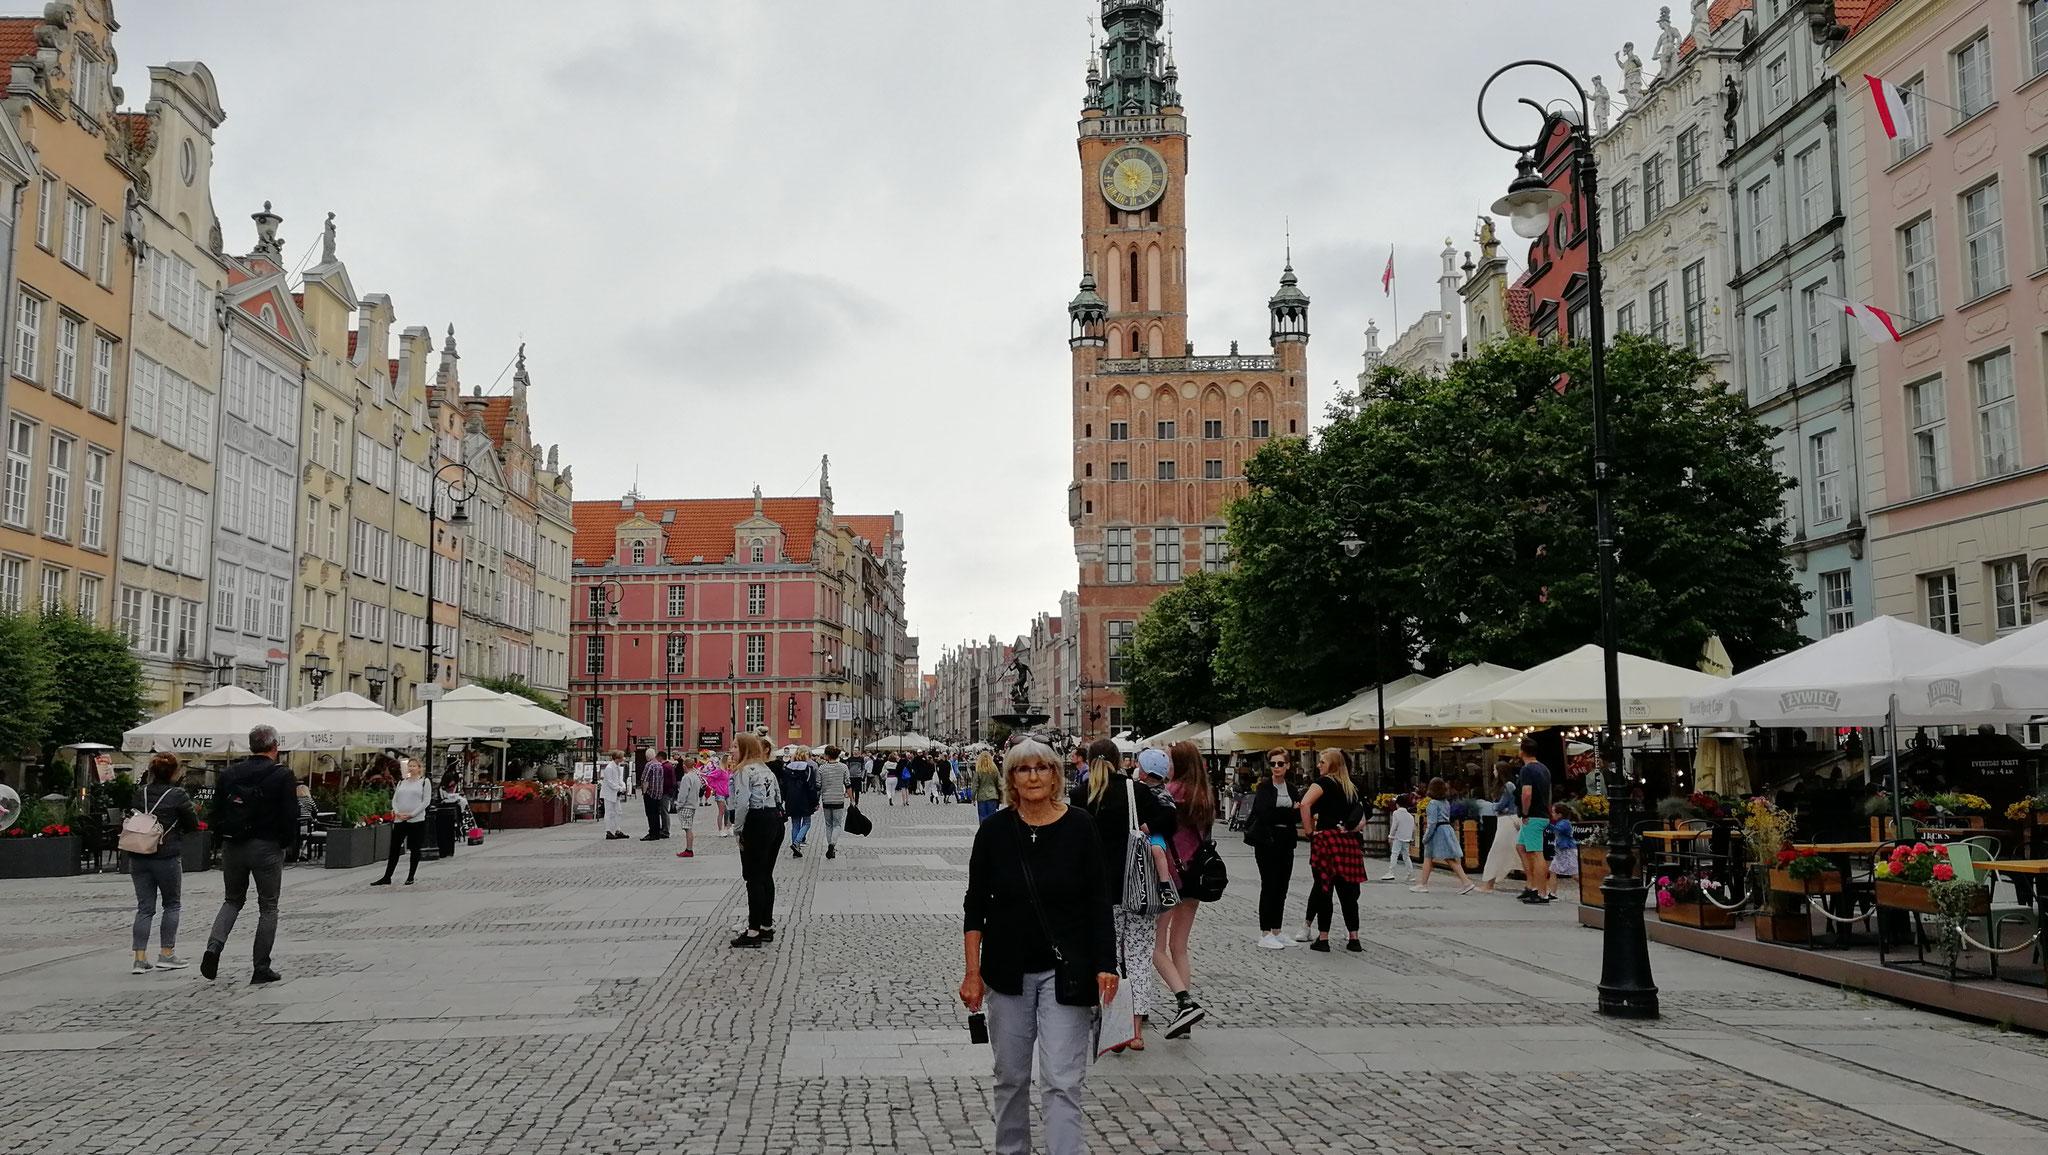 Langgasse/Lange Markt